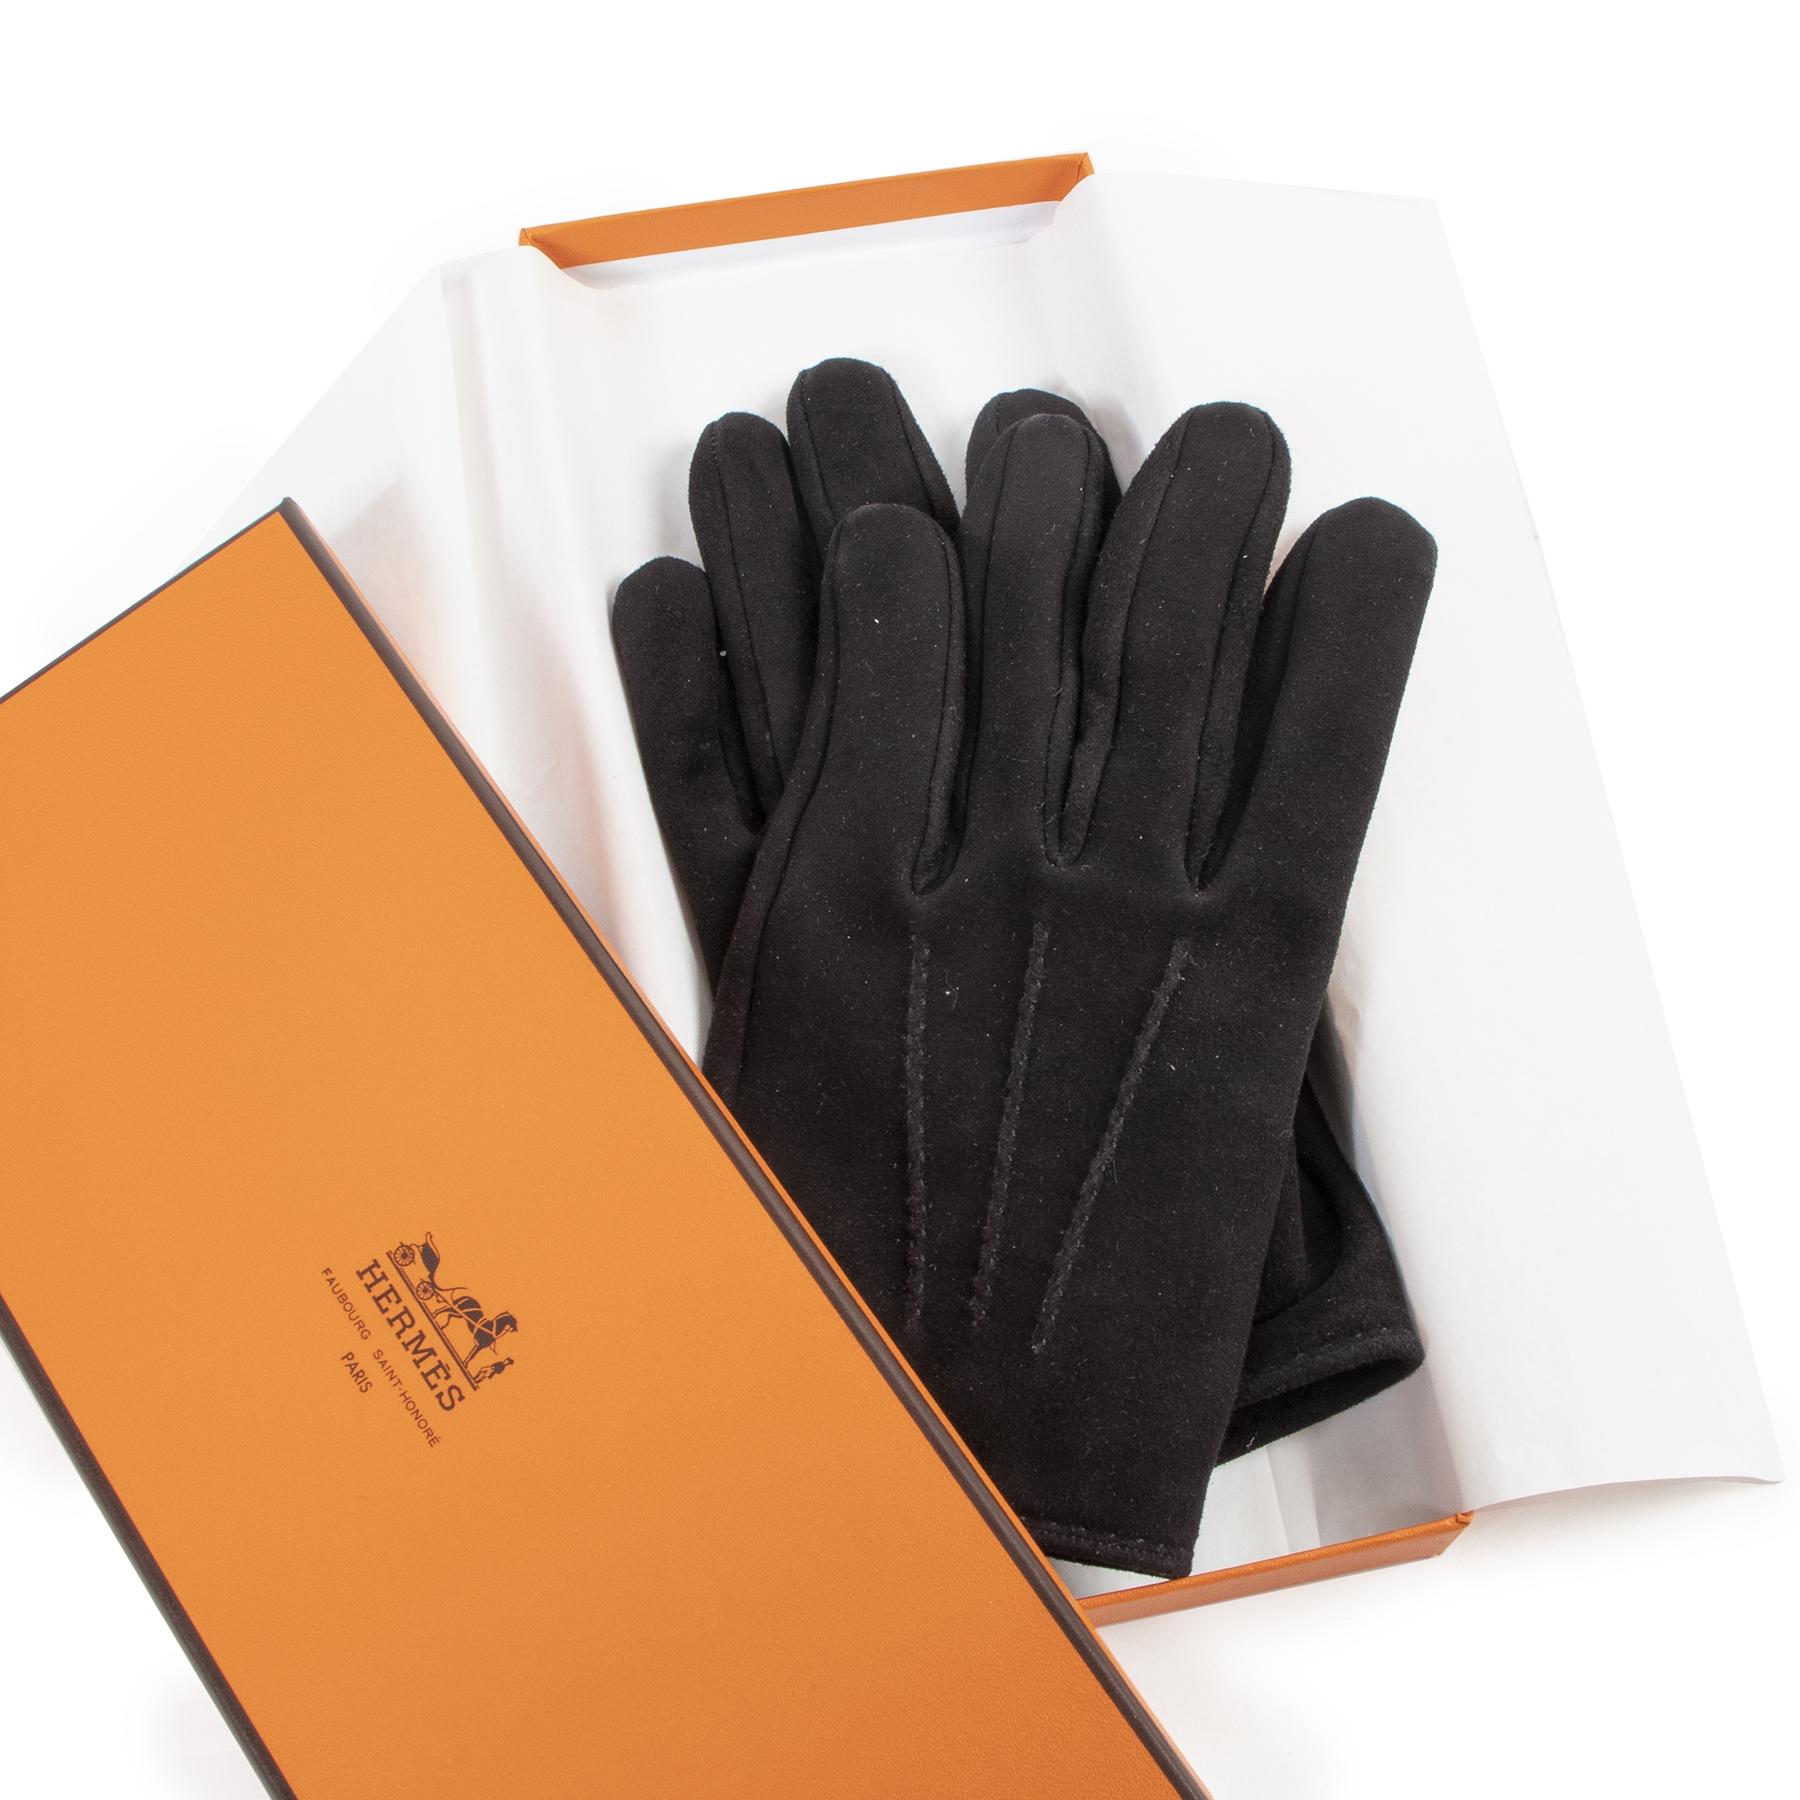 Authentieke Tweedehands Hermès Black Suede Gloves juiste prijs veilig online shoppen luxe merken webshop winkelen Antwerpen België mode fashion